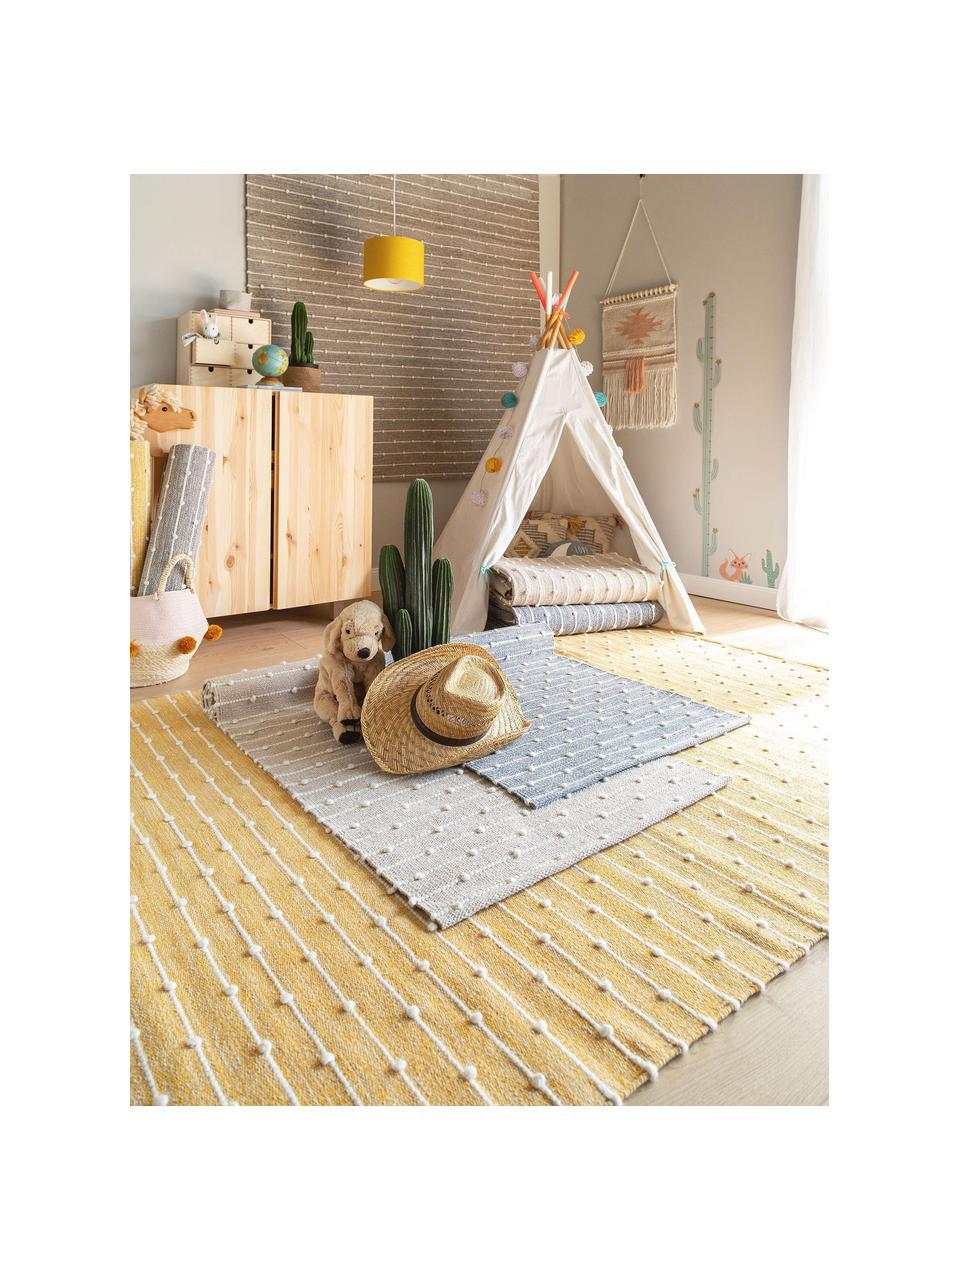 Handgewebter Baumwollteppich Lupo in Grau/Beige, 80% Baumwolle, 20% Wolle, Grau, B 120 x L 170 cm (Größe S)